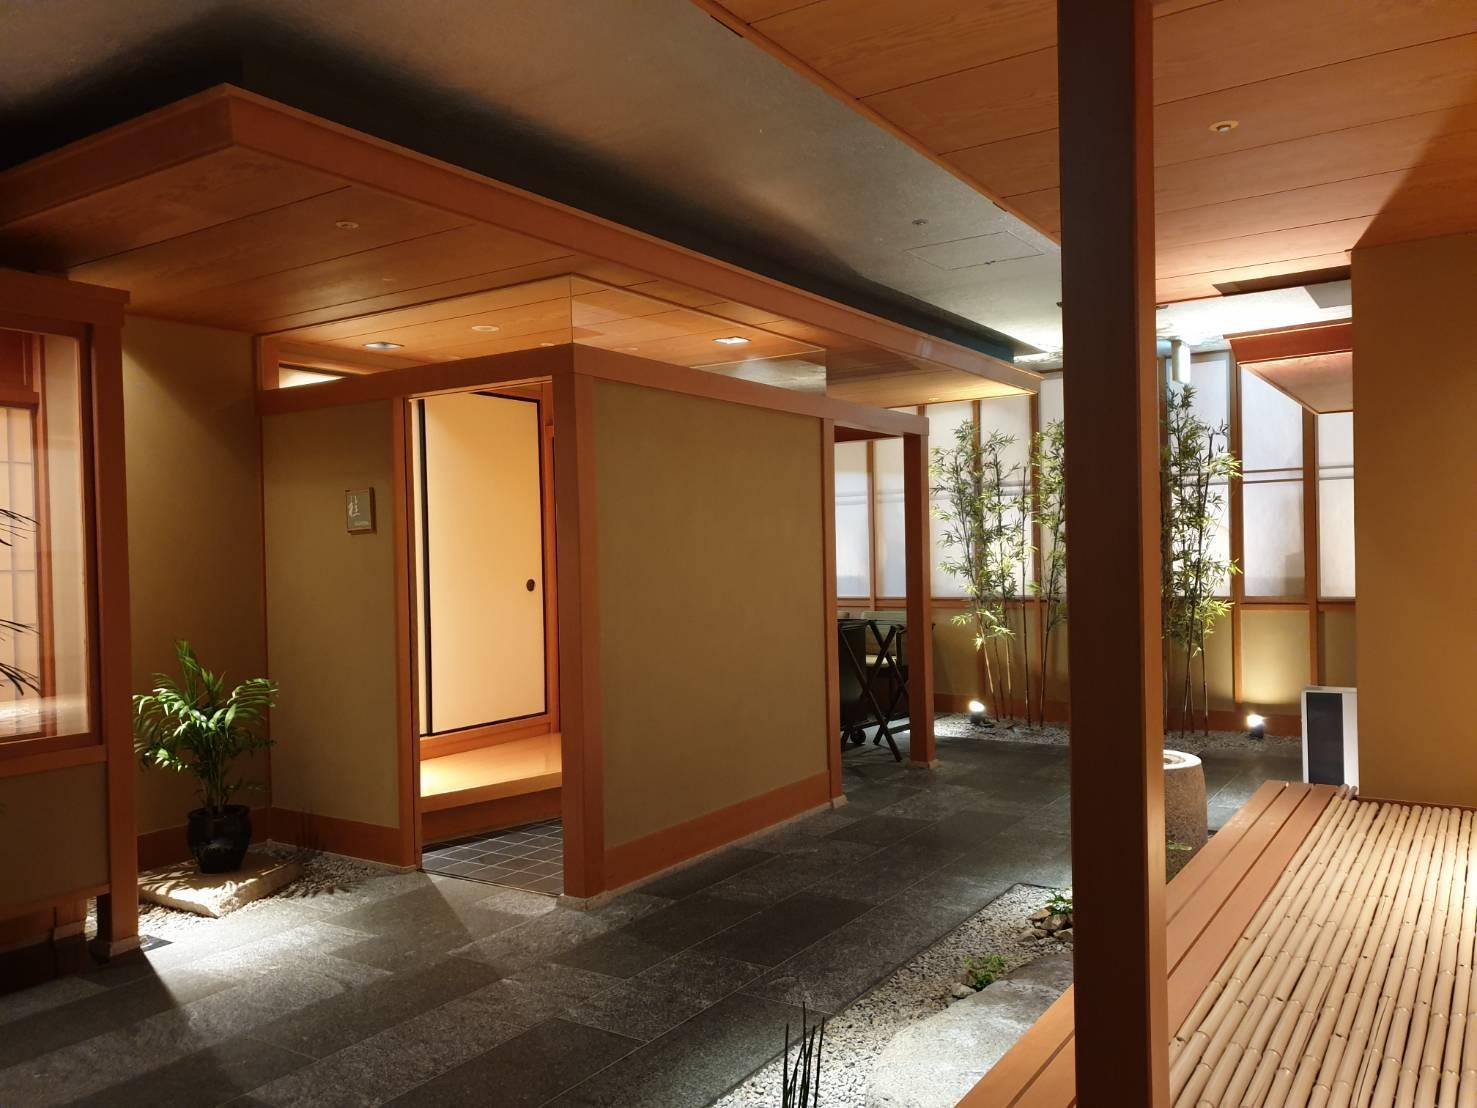 18 ห้องอาหาร Uemachi 200213 0003